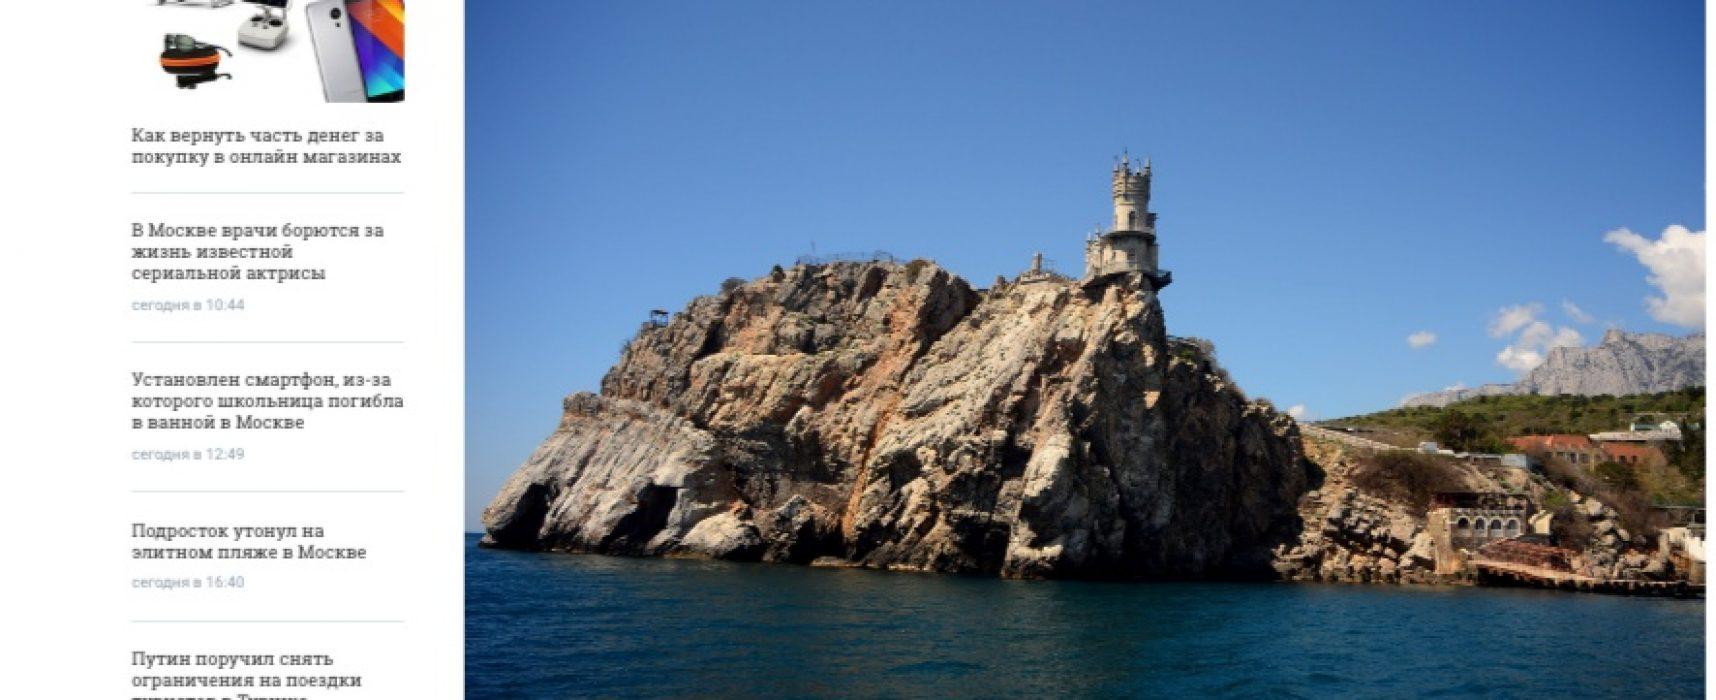 Фейк: италианската Лигурия признала, че Крим е част от Русия. И свалила санкциите срещу РФ